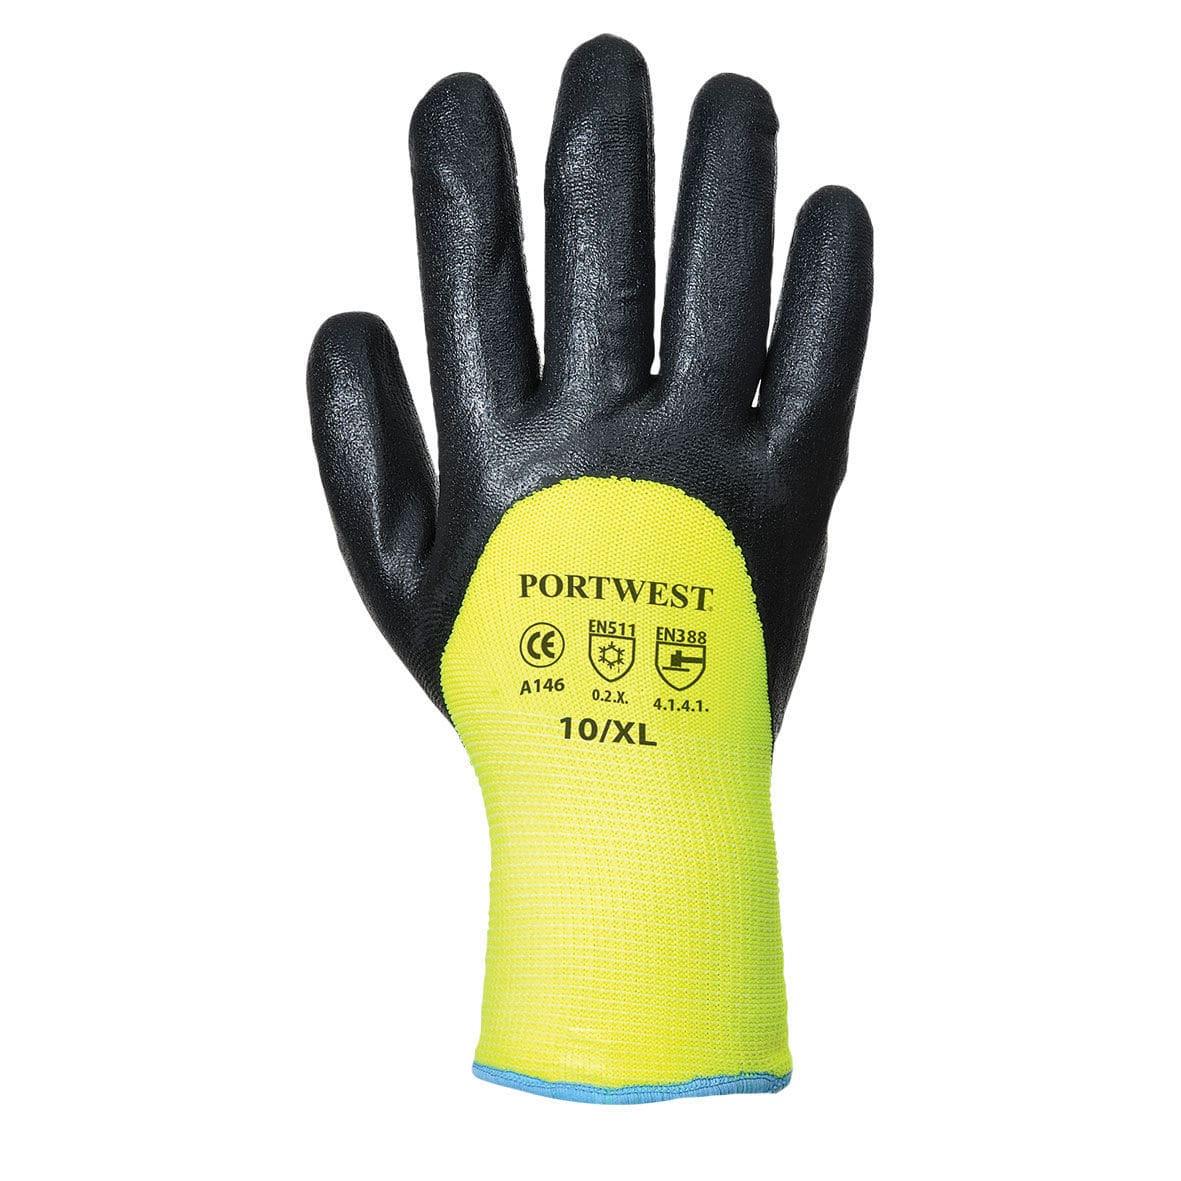 auténtico diseño profesional paquete de moda y atractivo Guante de trabajo / de protección térmica / de nitrilo ...